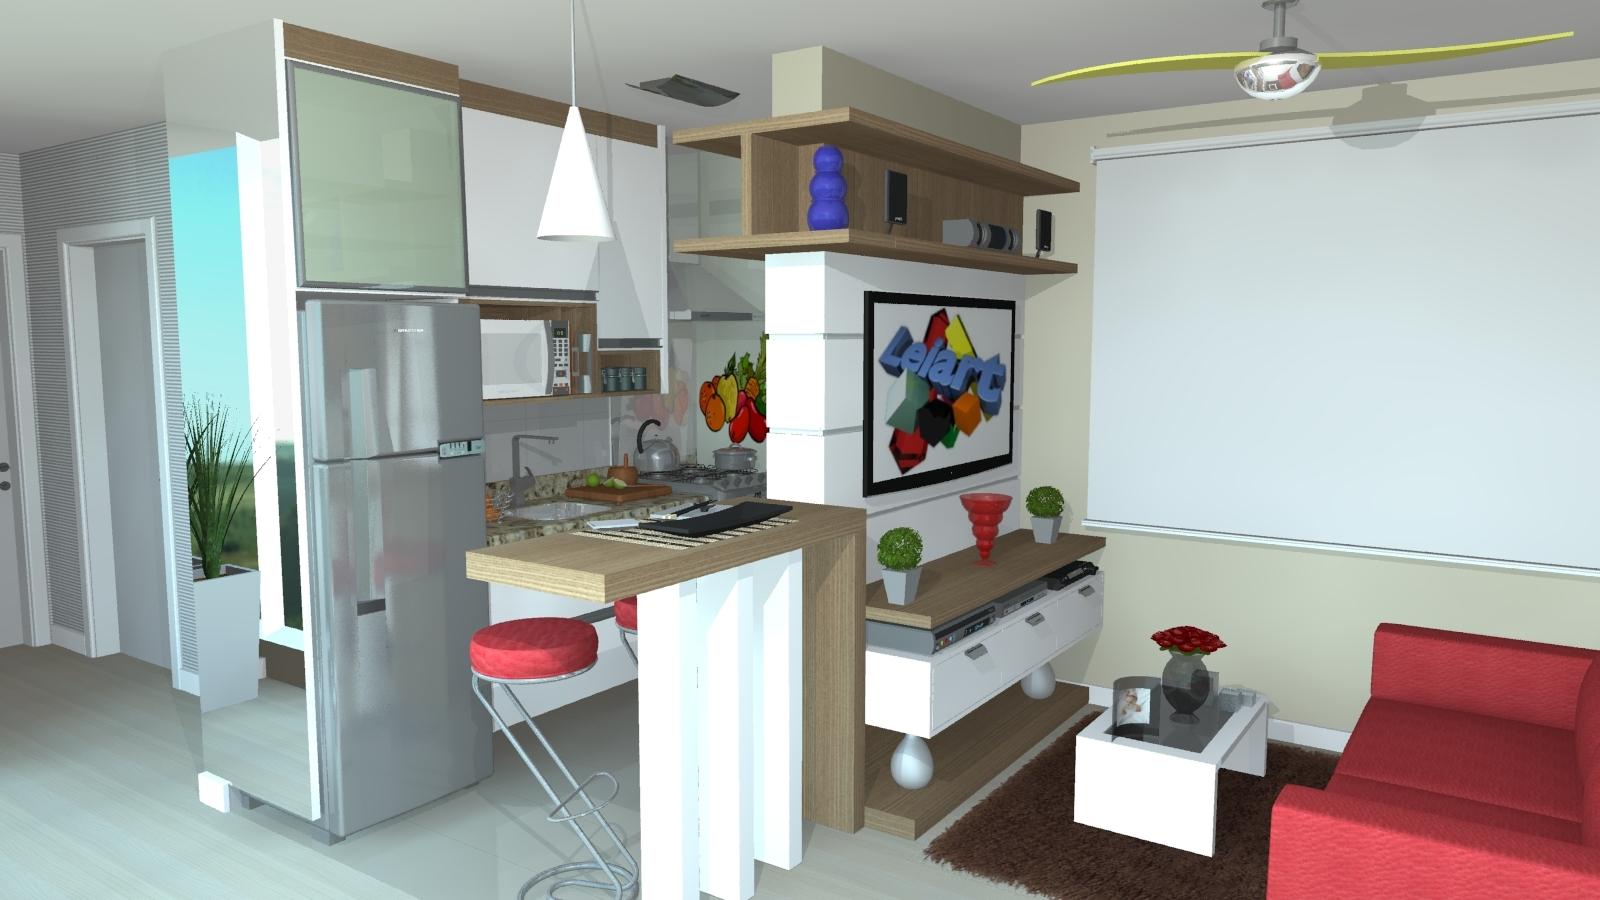 Cozinha Com Copa Moderna Voc No Precisa Se Preocupar Com As Cores